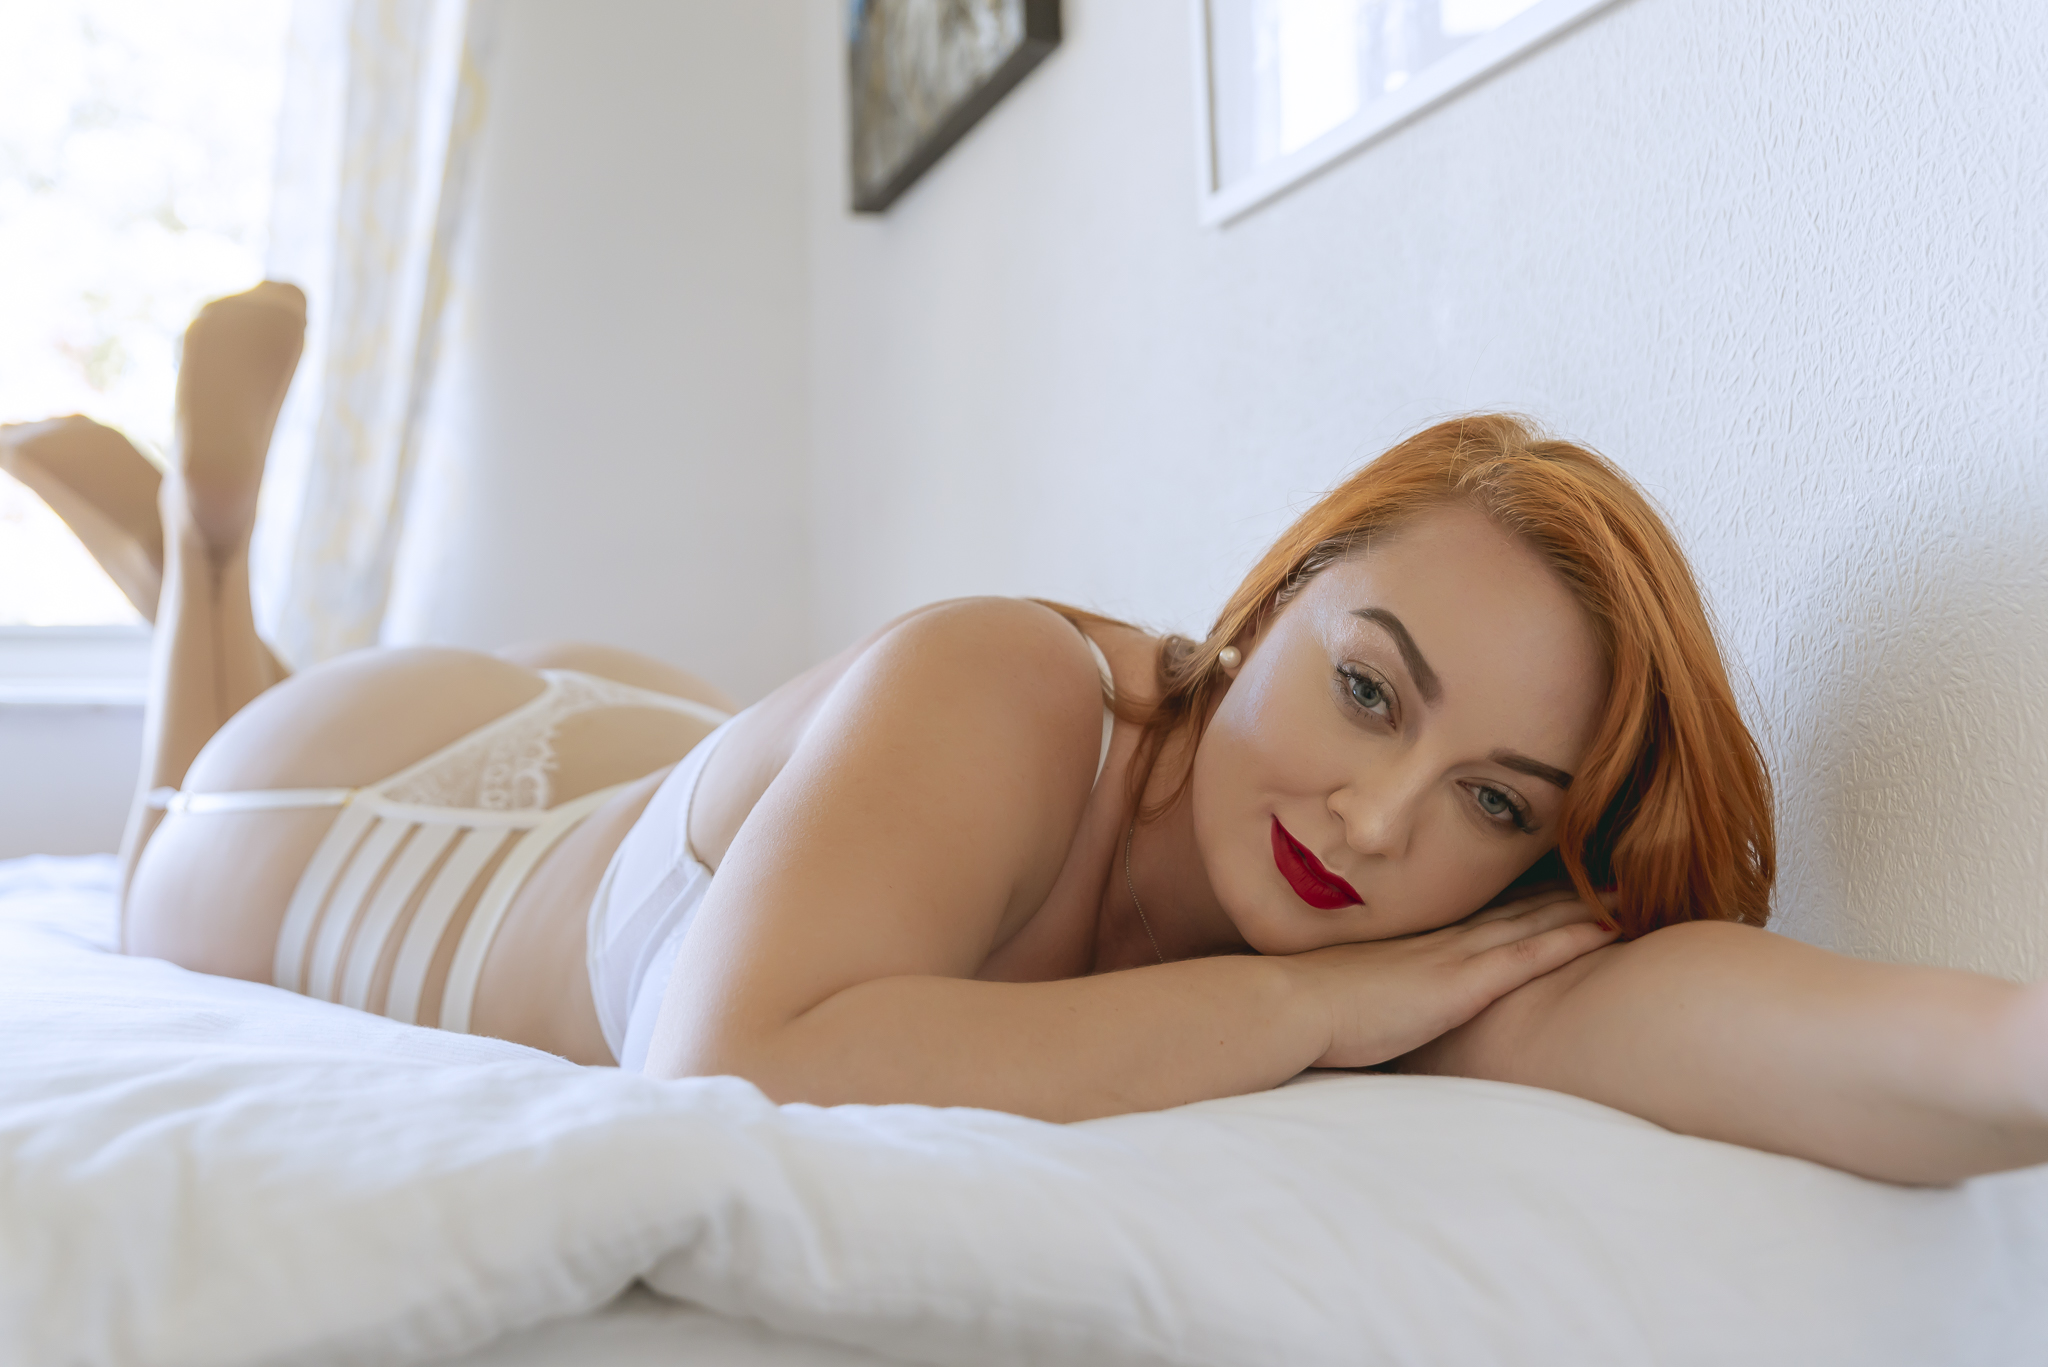 Lonodn boudoir photo shoot-33